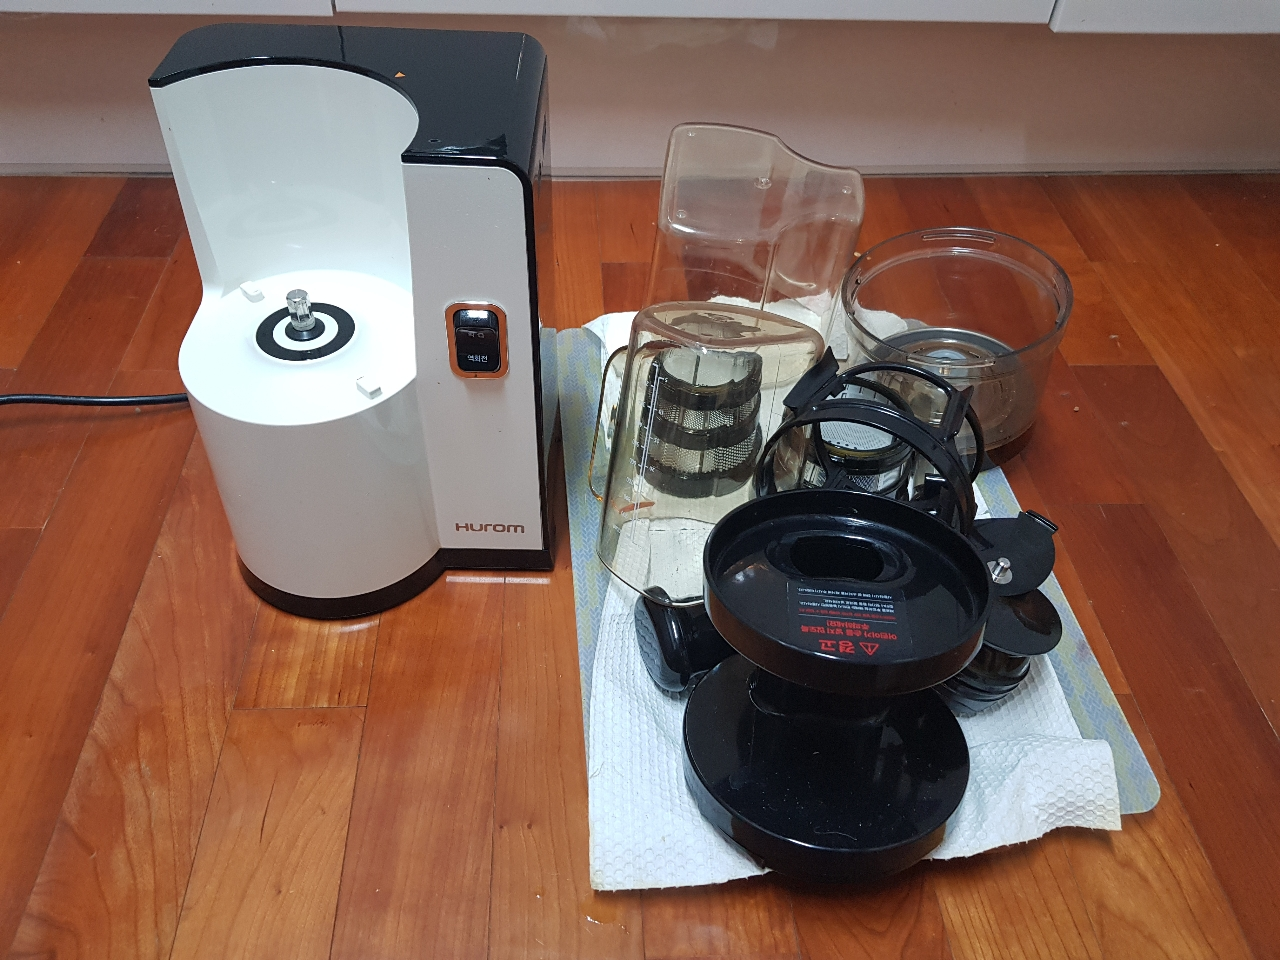 휴롬(10만) LG침구청소기(3만)  로봇청소기(5만)